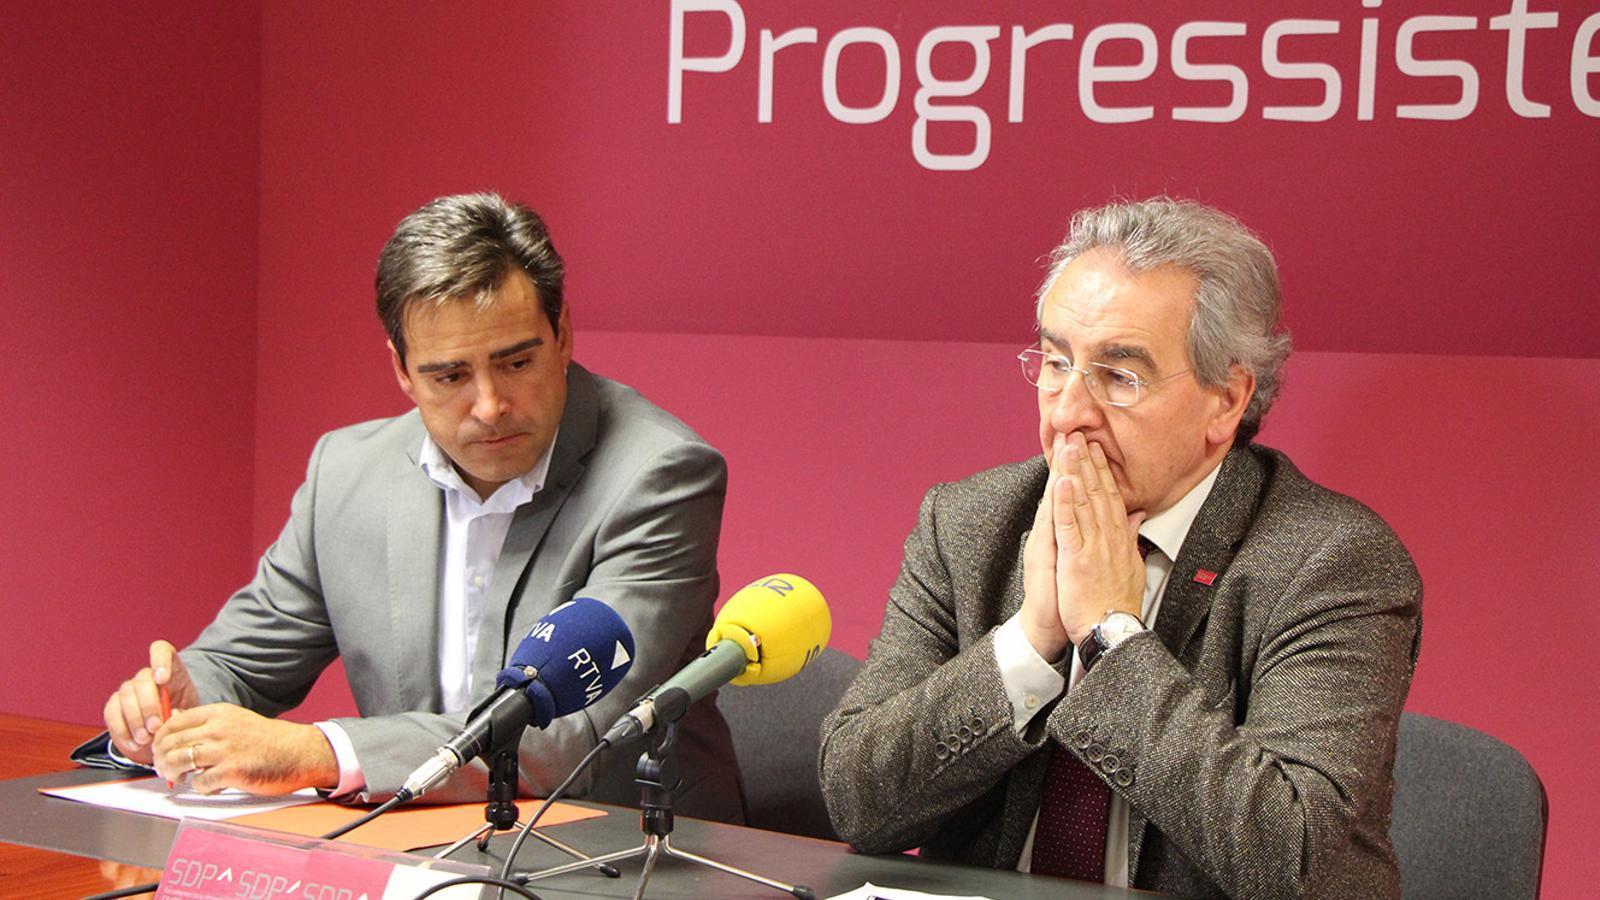 El membre de la comissió política nacional d'SDP, David Pérez i el president del partit, Jaume Bartumeu en la roda de premsa d'aquest dimarts. / B. N.